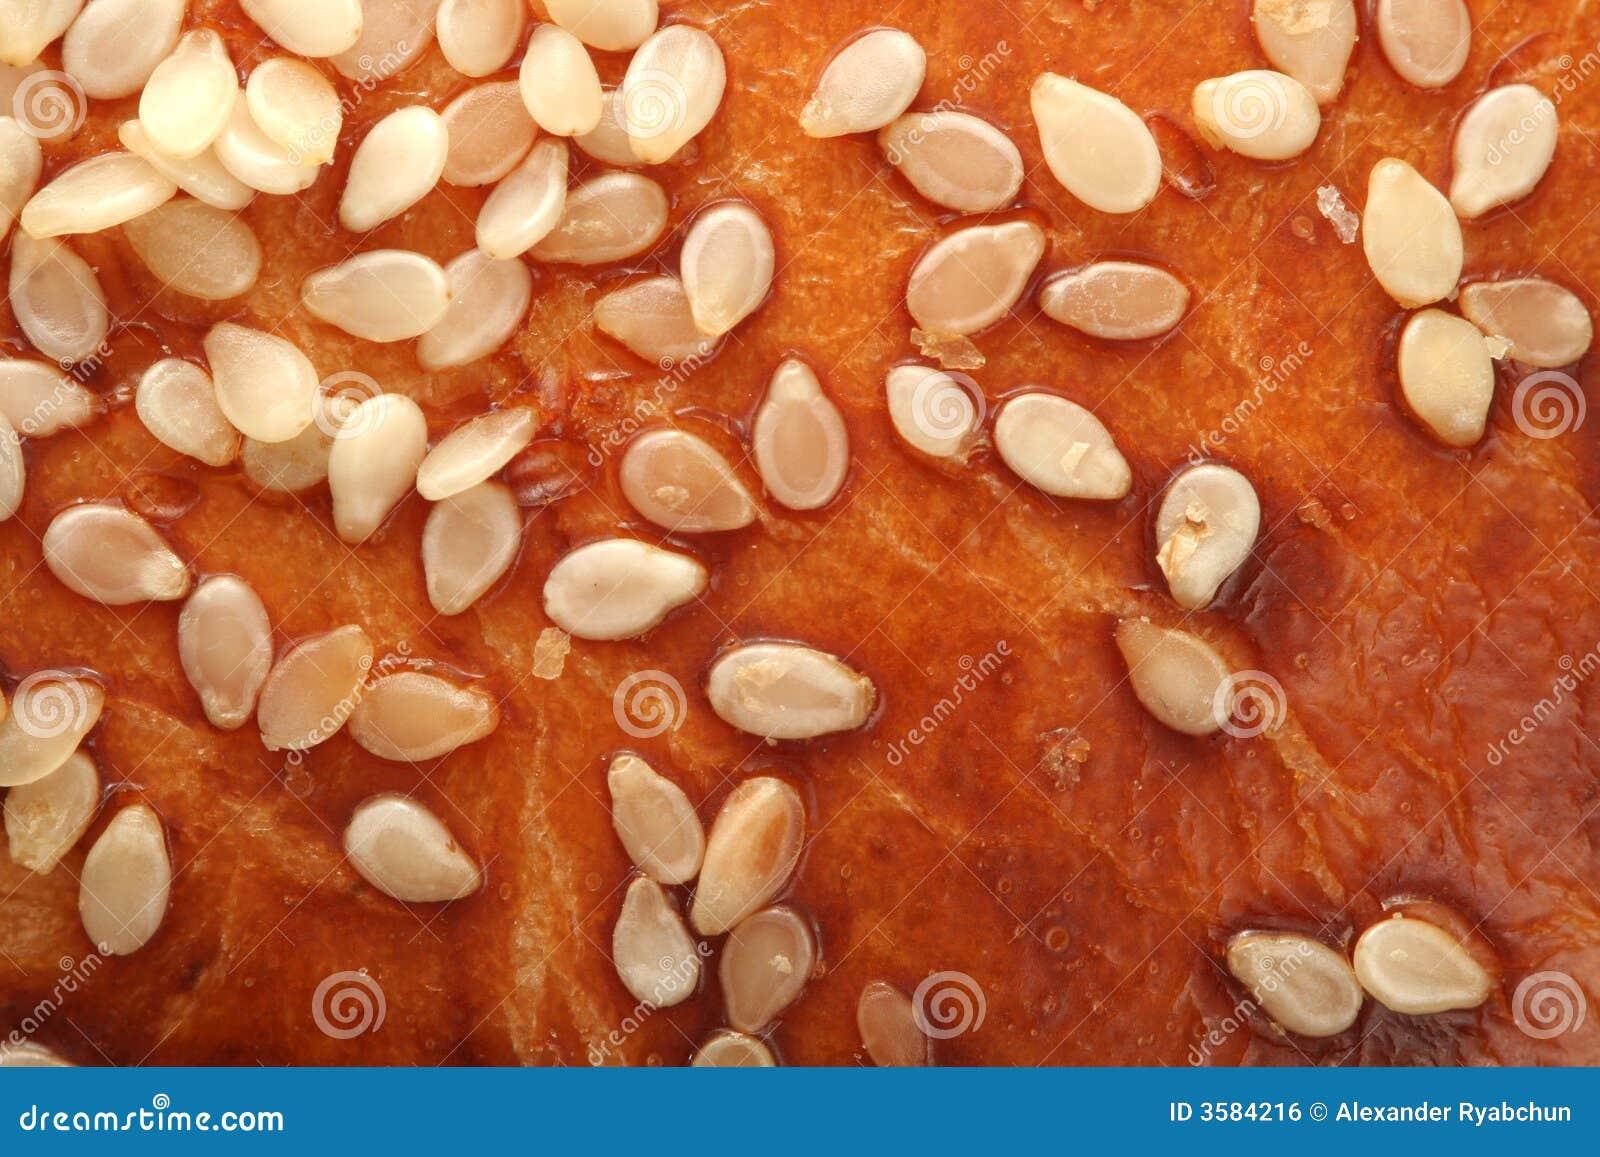 Brödskorpa s kärnar ur sesam